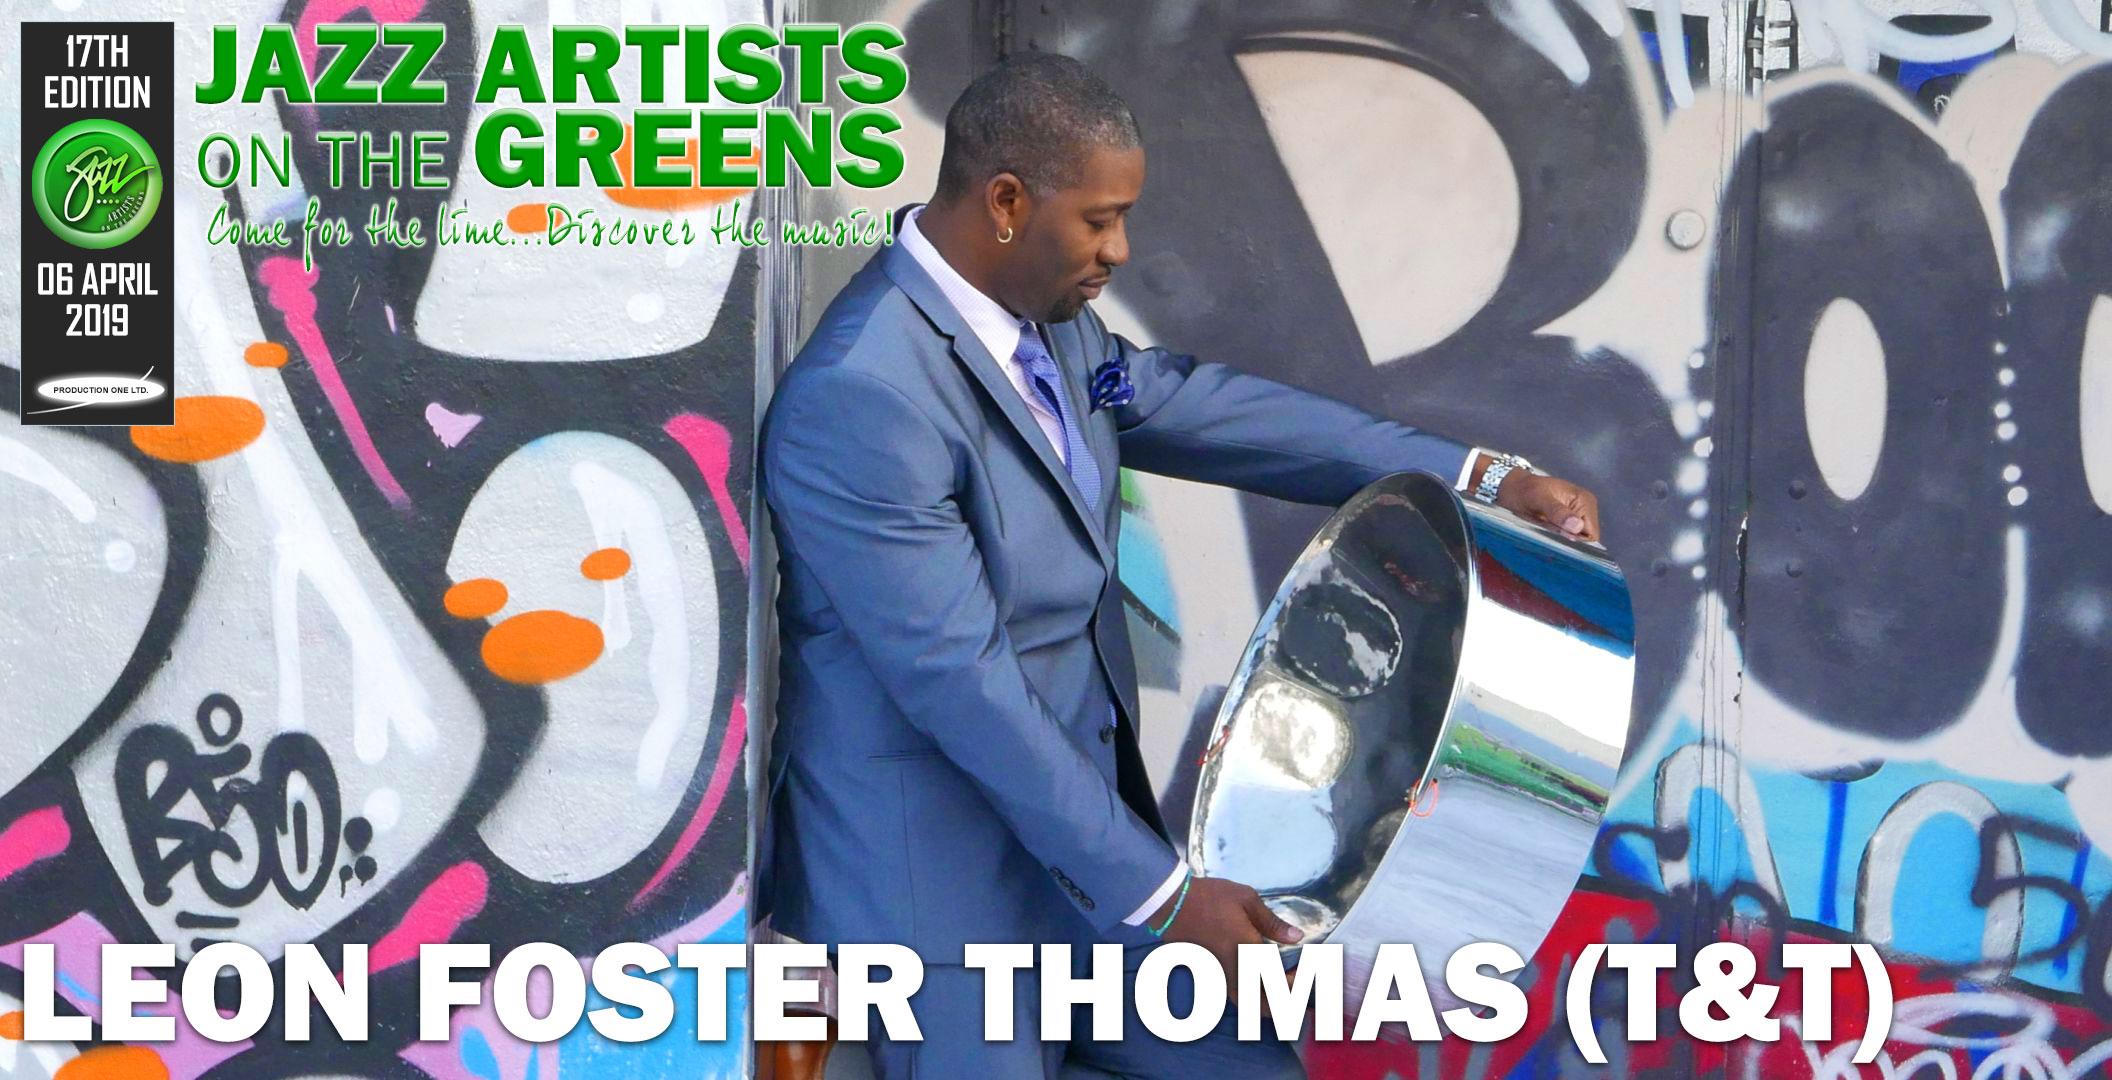 Leon Foster Thomas